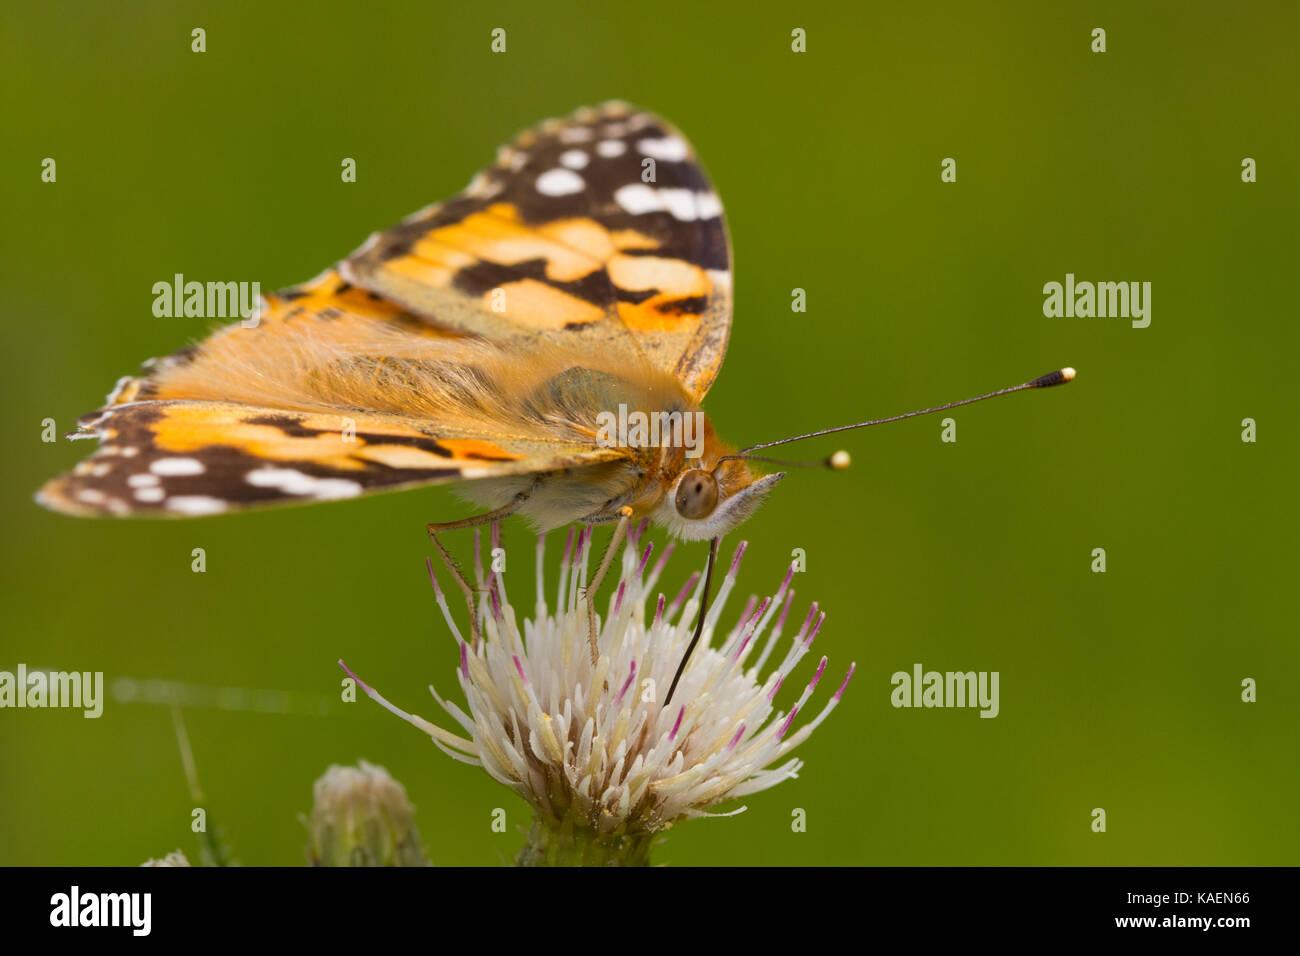 Distelfalter (Vanessa cardui) erwachsene Schmetterling auf einer Distel Blume. Powys, Wales. Juni. Stockfoto